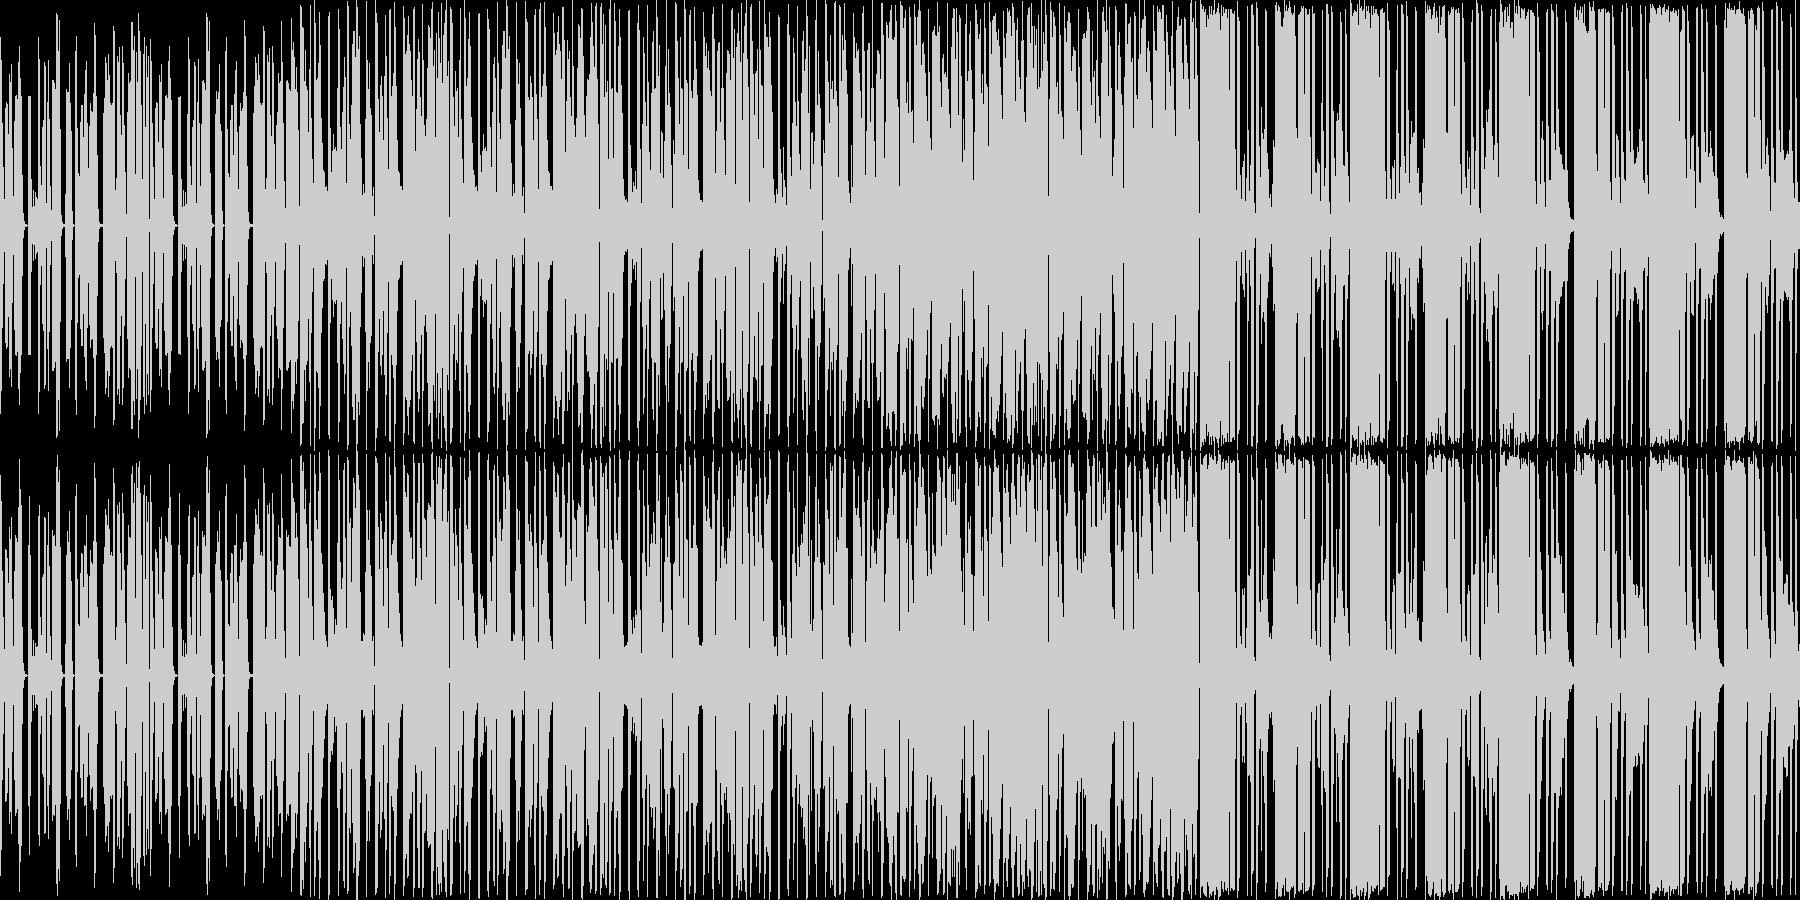 軽快な曲です。の未再生の波形